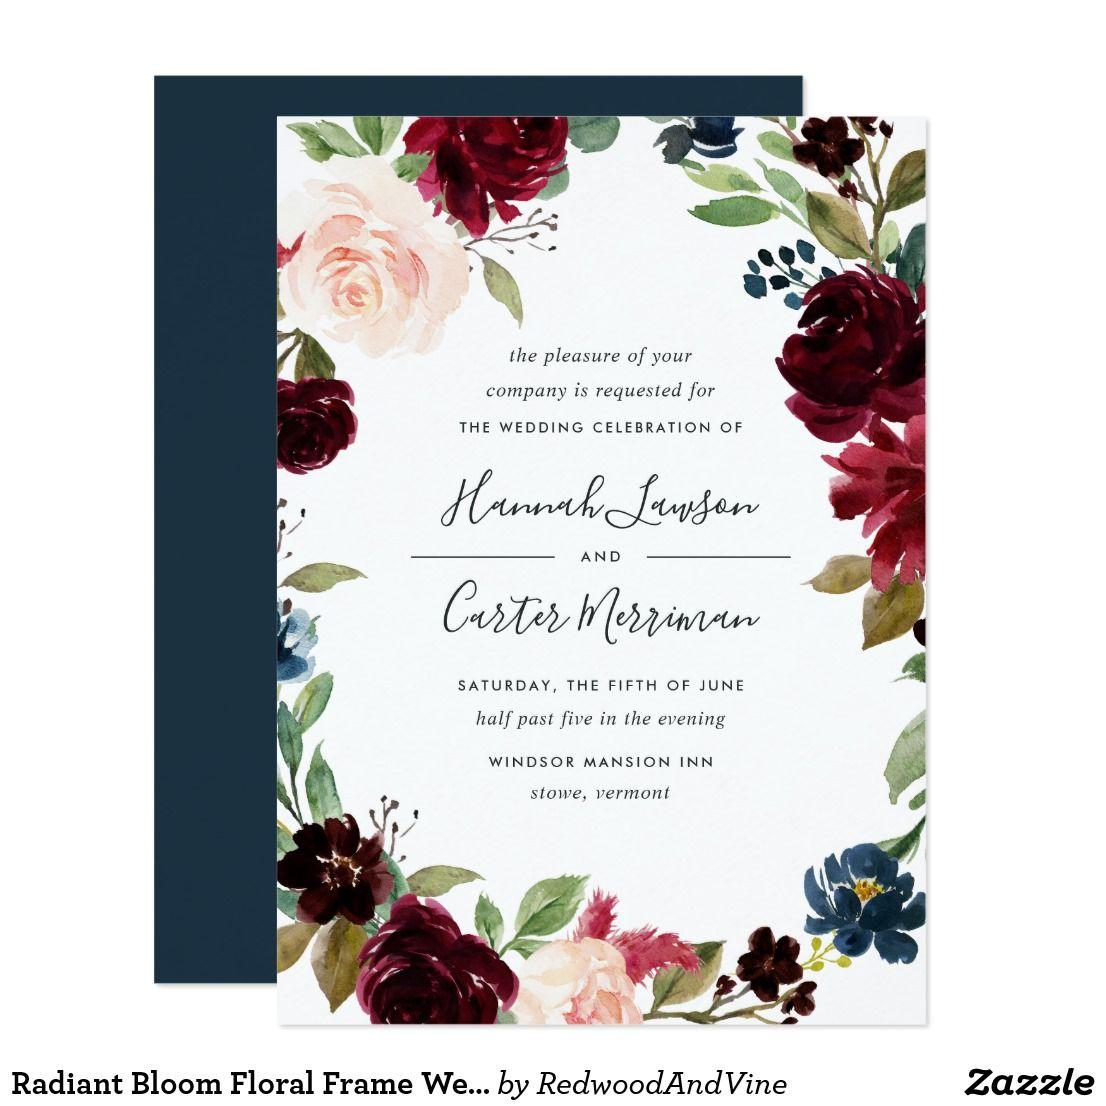 Radiant Bloom Floral Frame Wedding Invitation Zazzle Com Jewel Tone Wedding Invitations Floral Wedding Invitations Watercolor Wedding Invitations